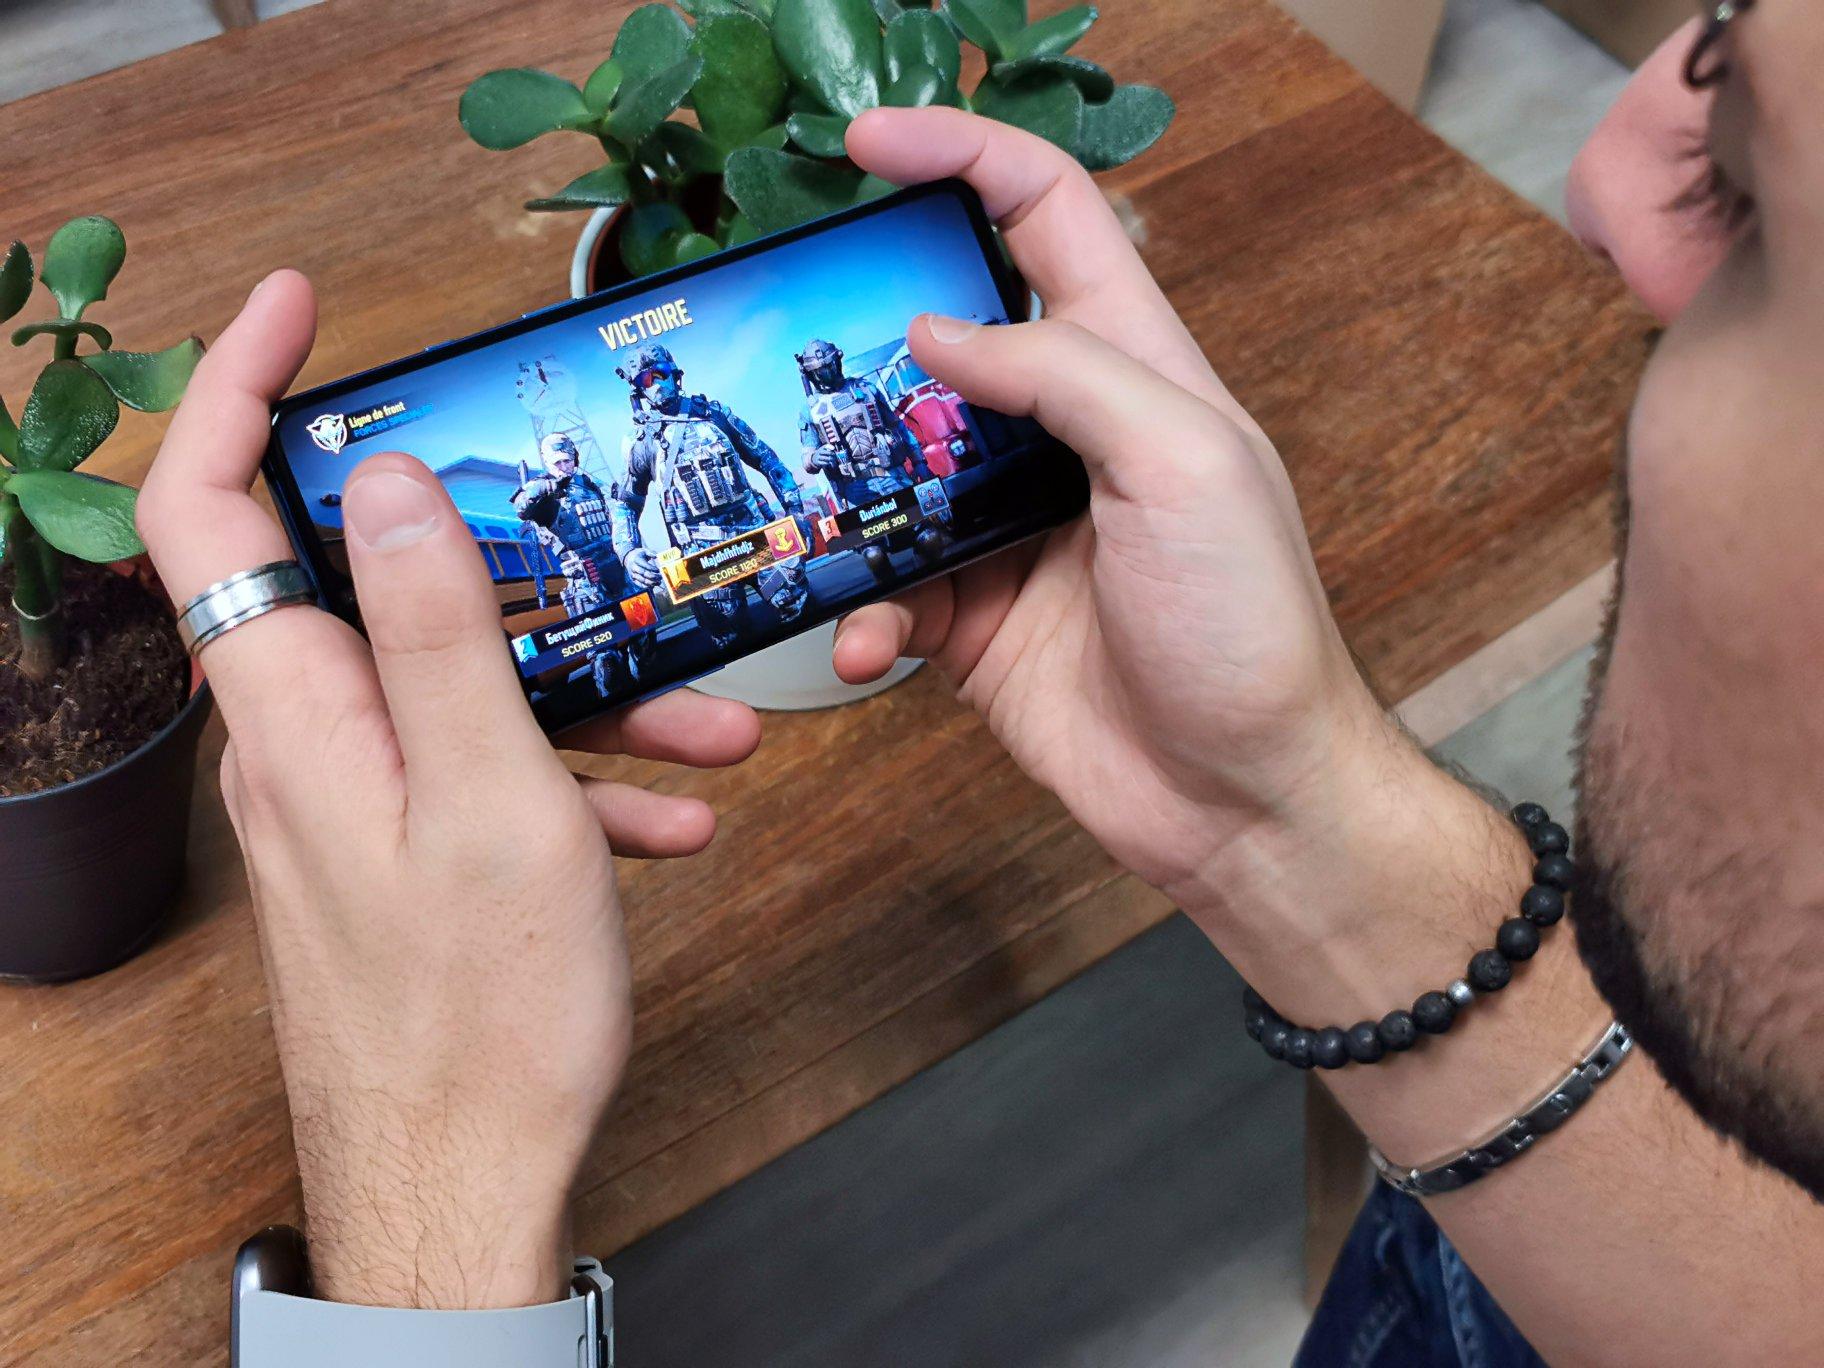 Les Meilleurs Fps Et Tps (Jeux De Tir) Sur Android Et Iphone concernant Jeux Gratuit Pour Portable